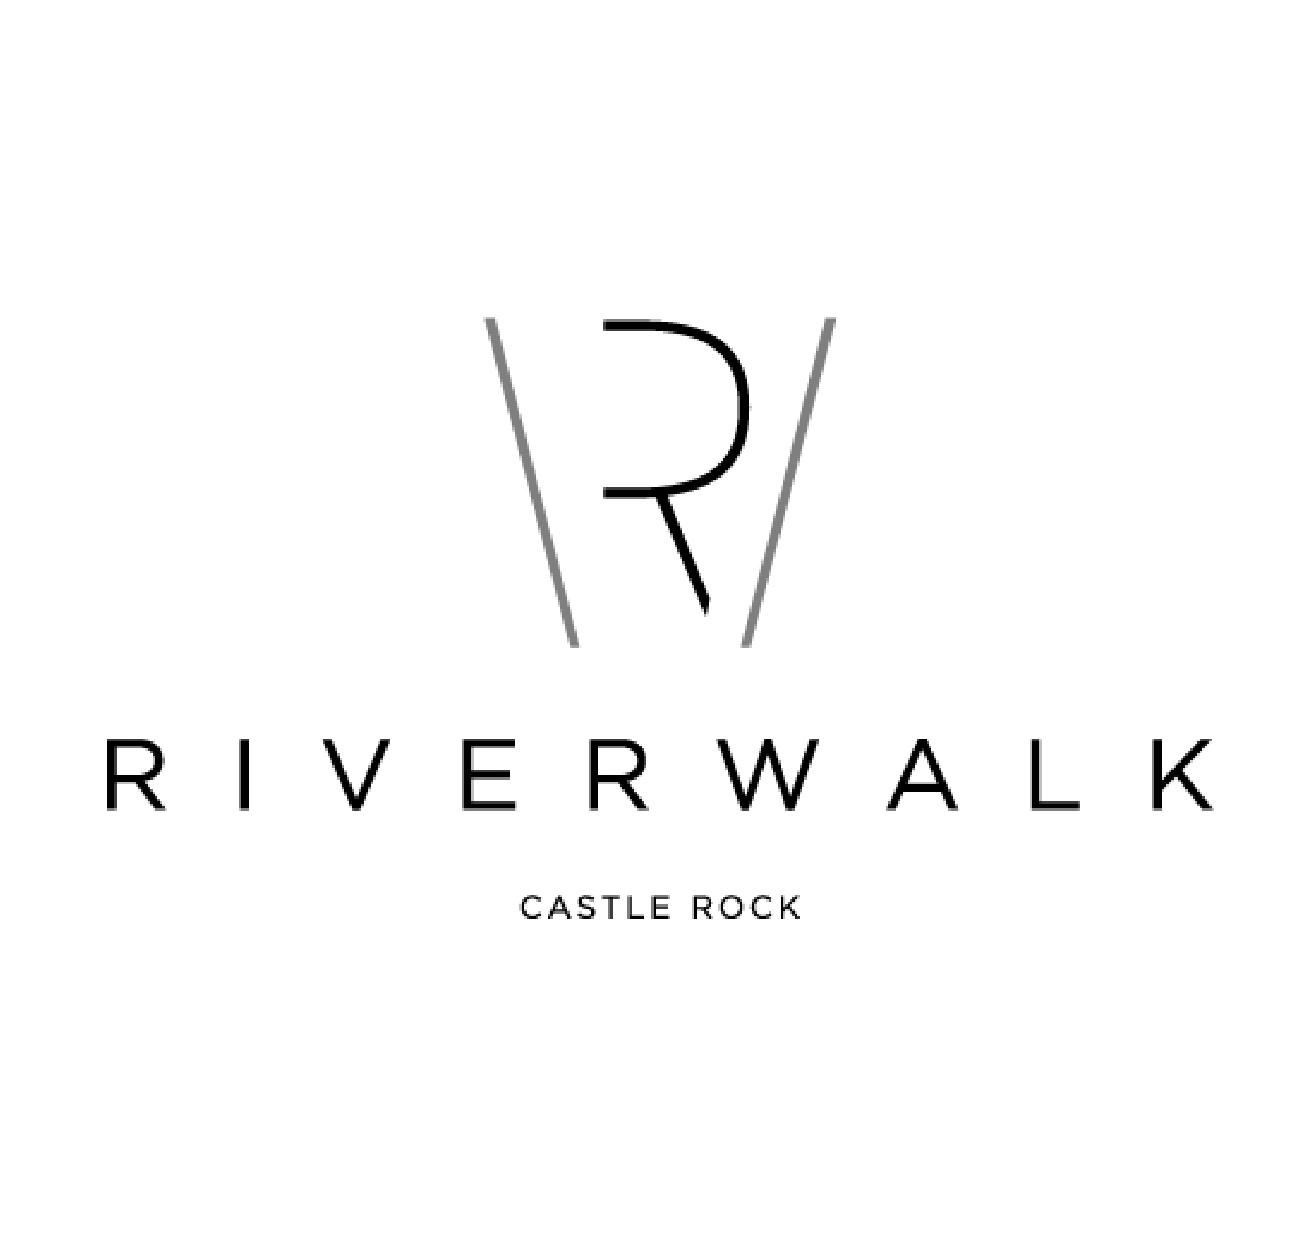 Riverwalk Castle Rock